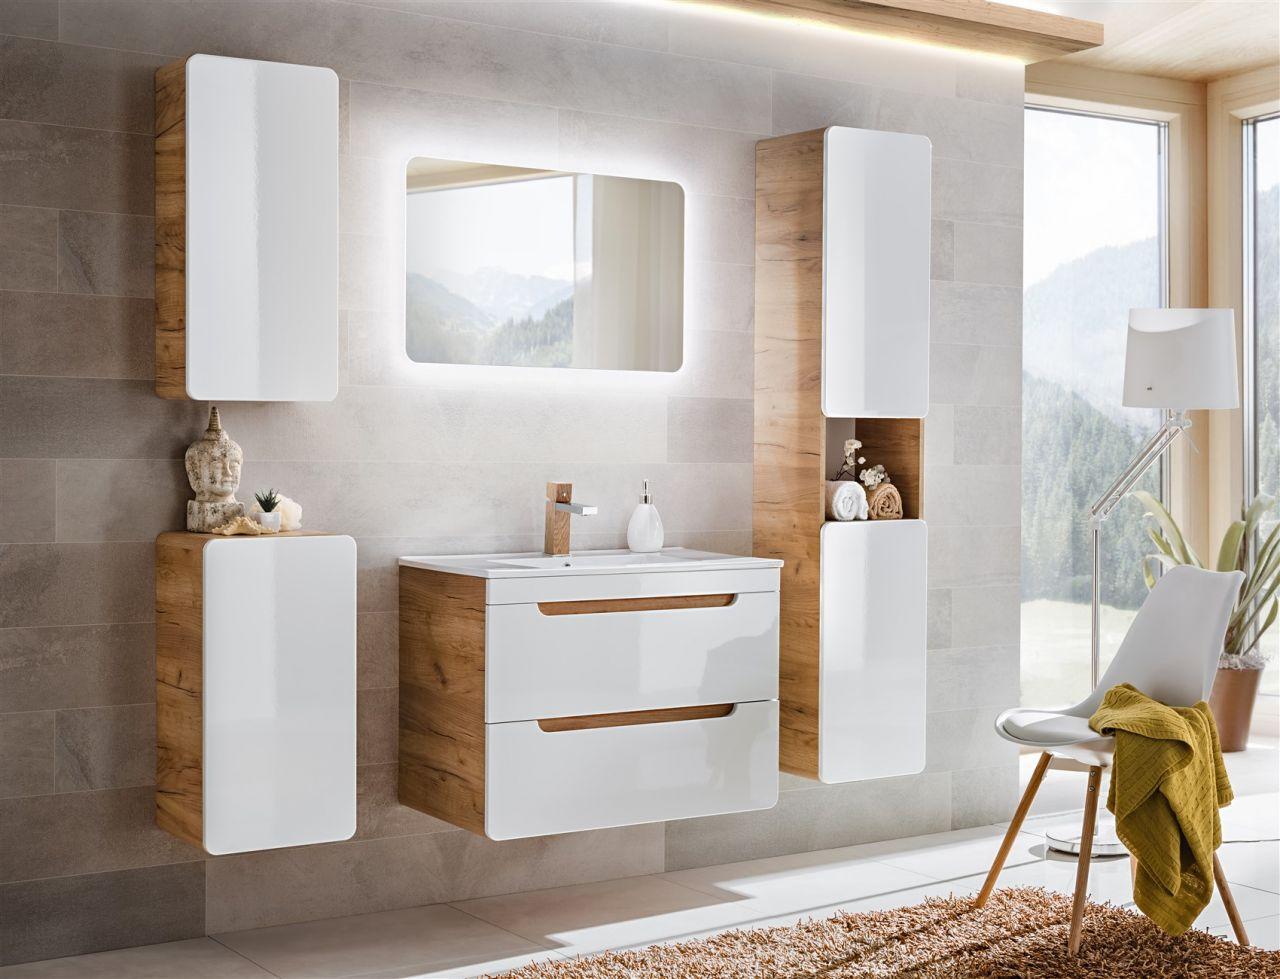 Waschtisch Bad Weiß